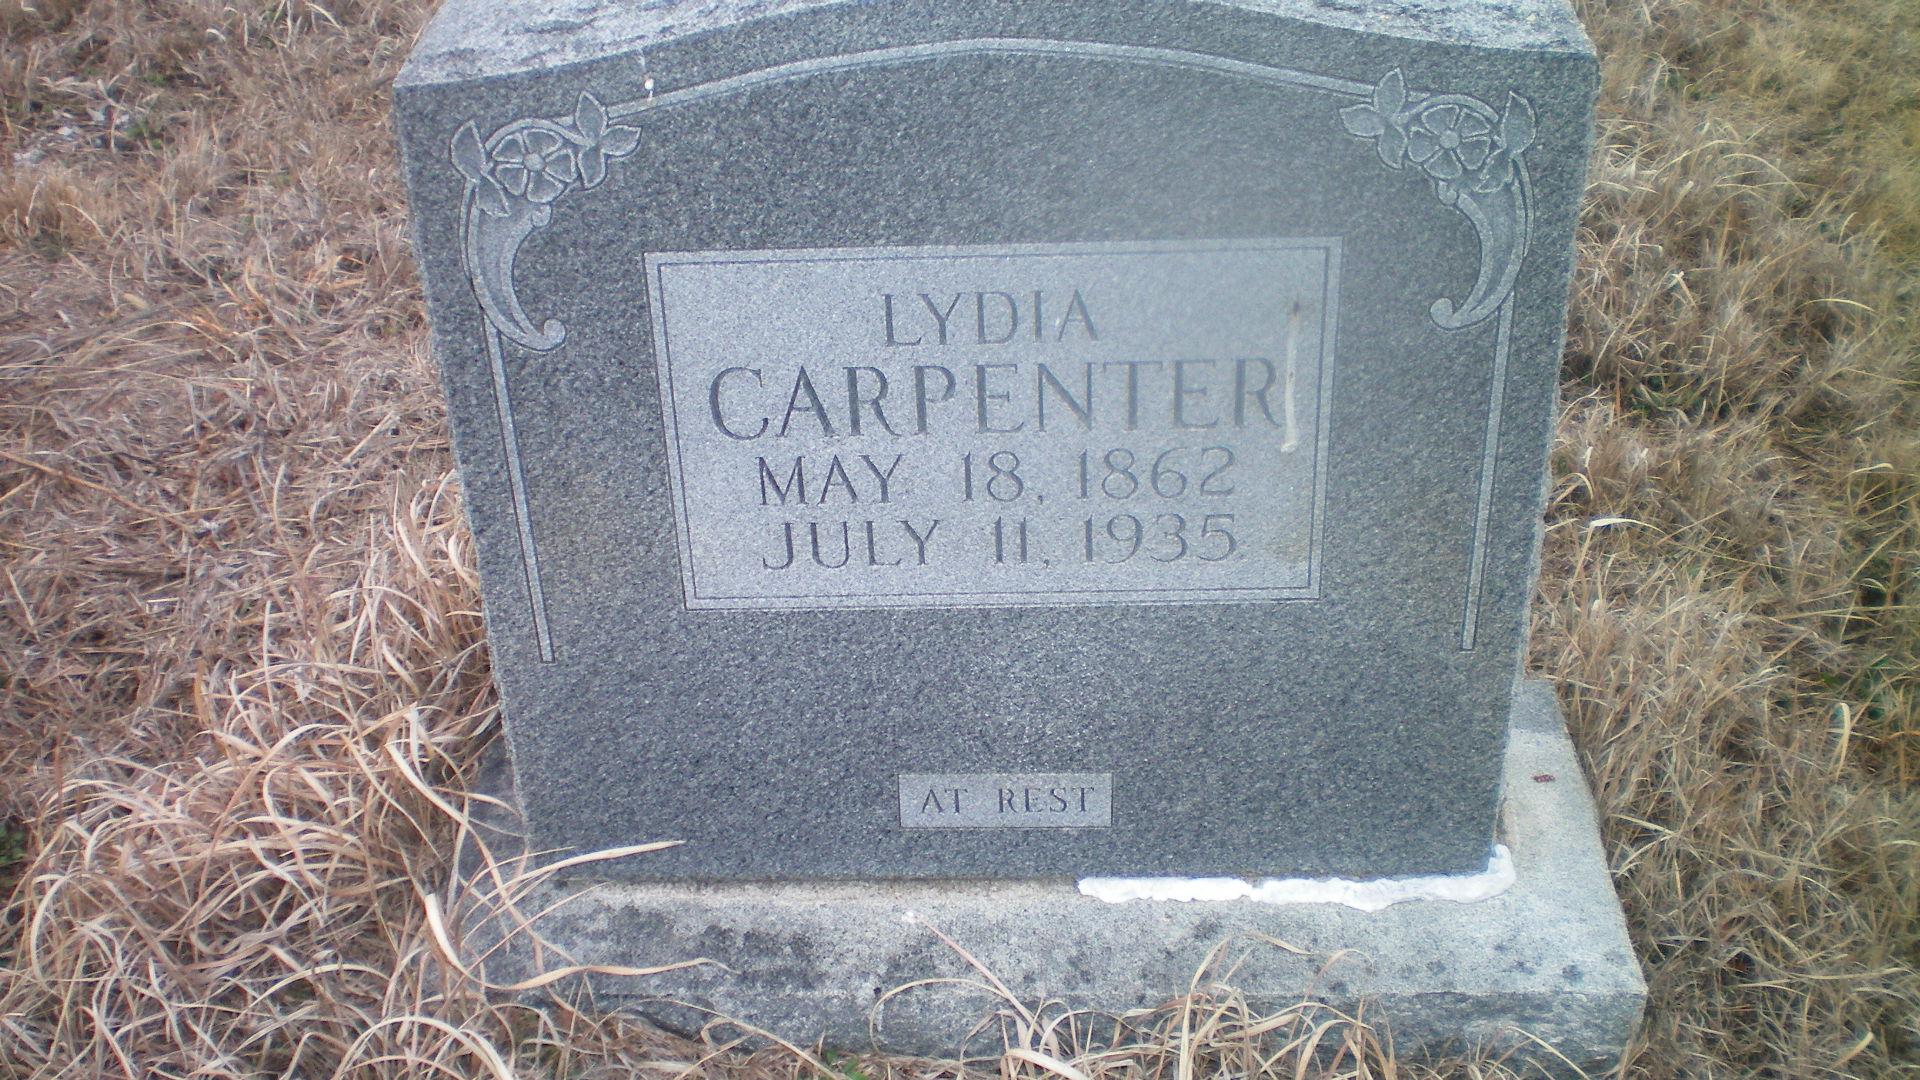 Lydia Carpenter